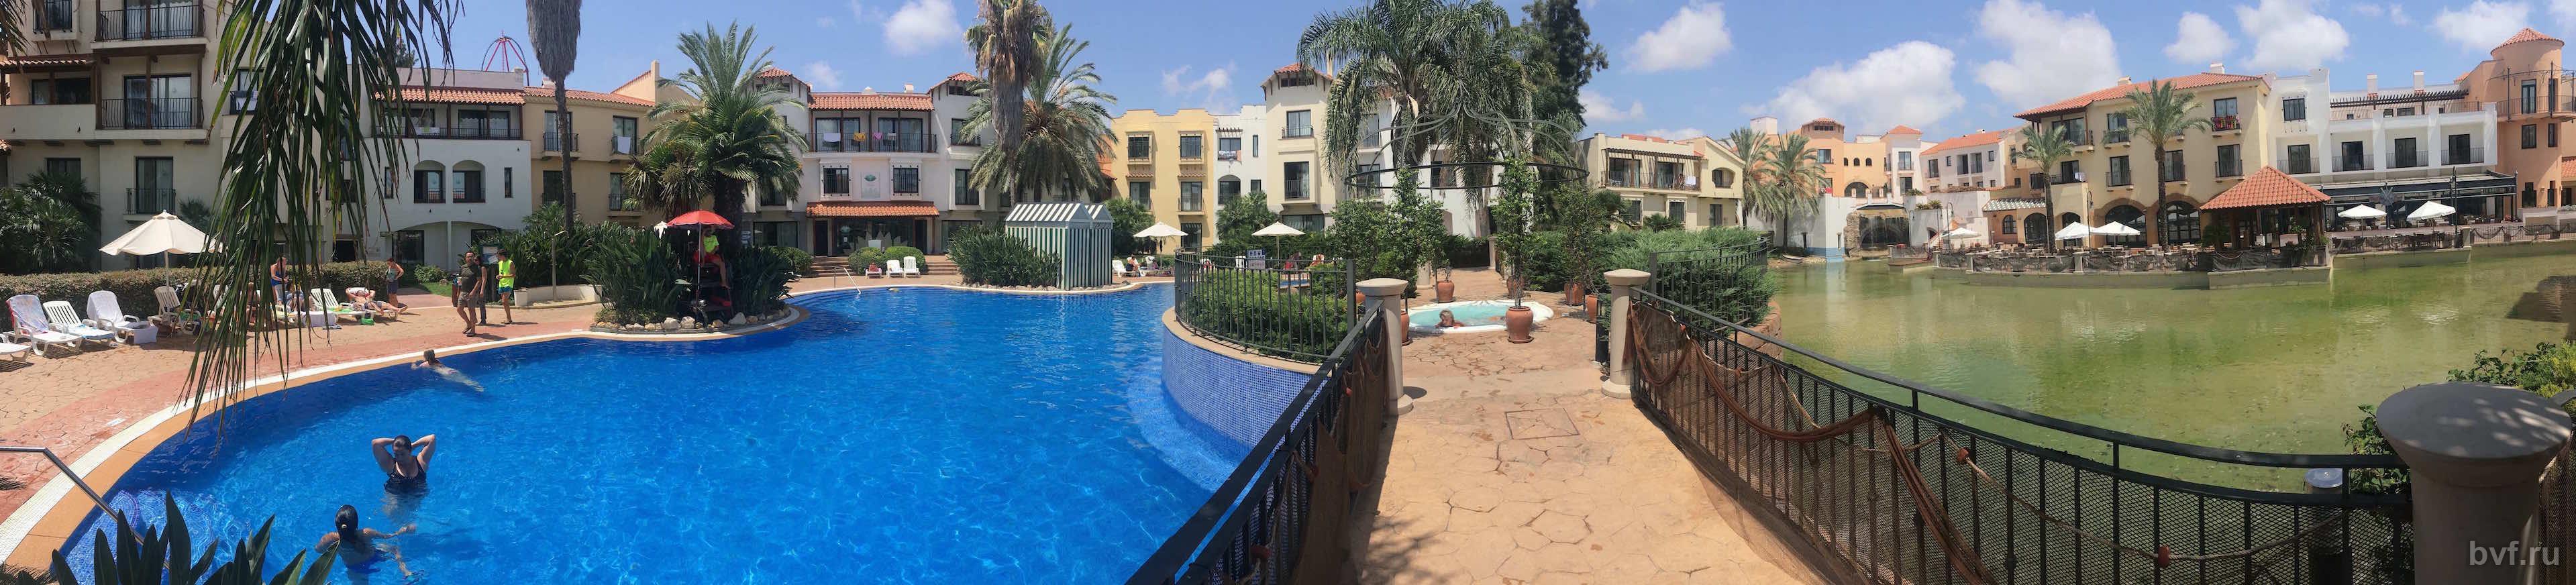 Нажмите на изображение для увеличения Название: hotel_panorama.jpg Просмотров: 20 Размер:561.8 Кб ID:2842947